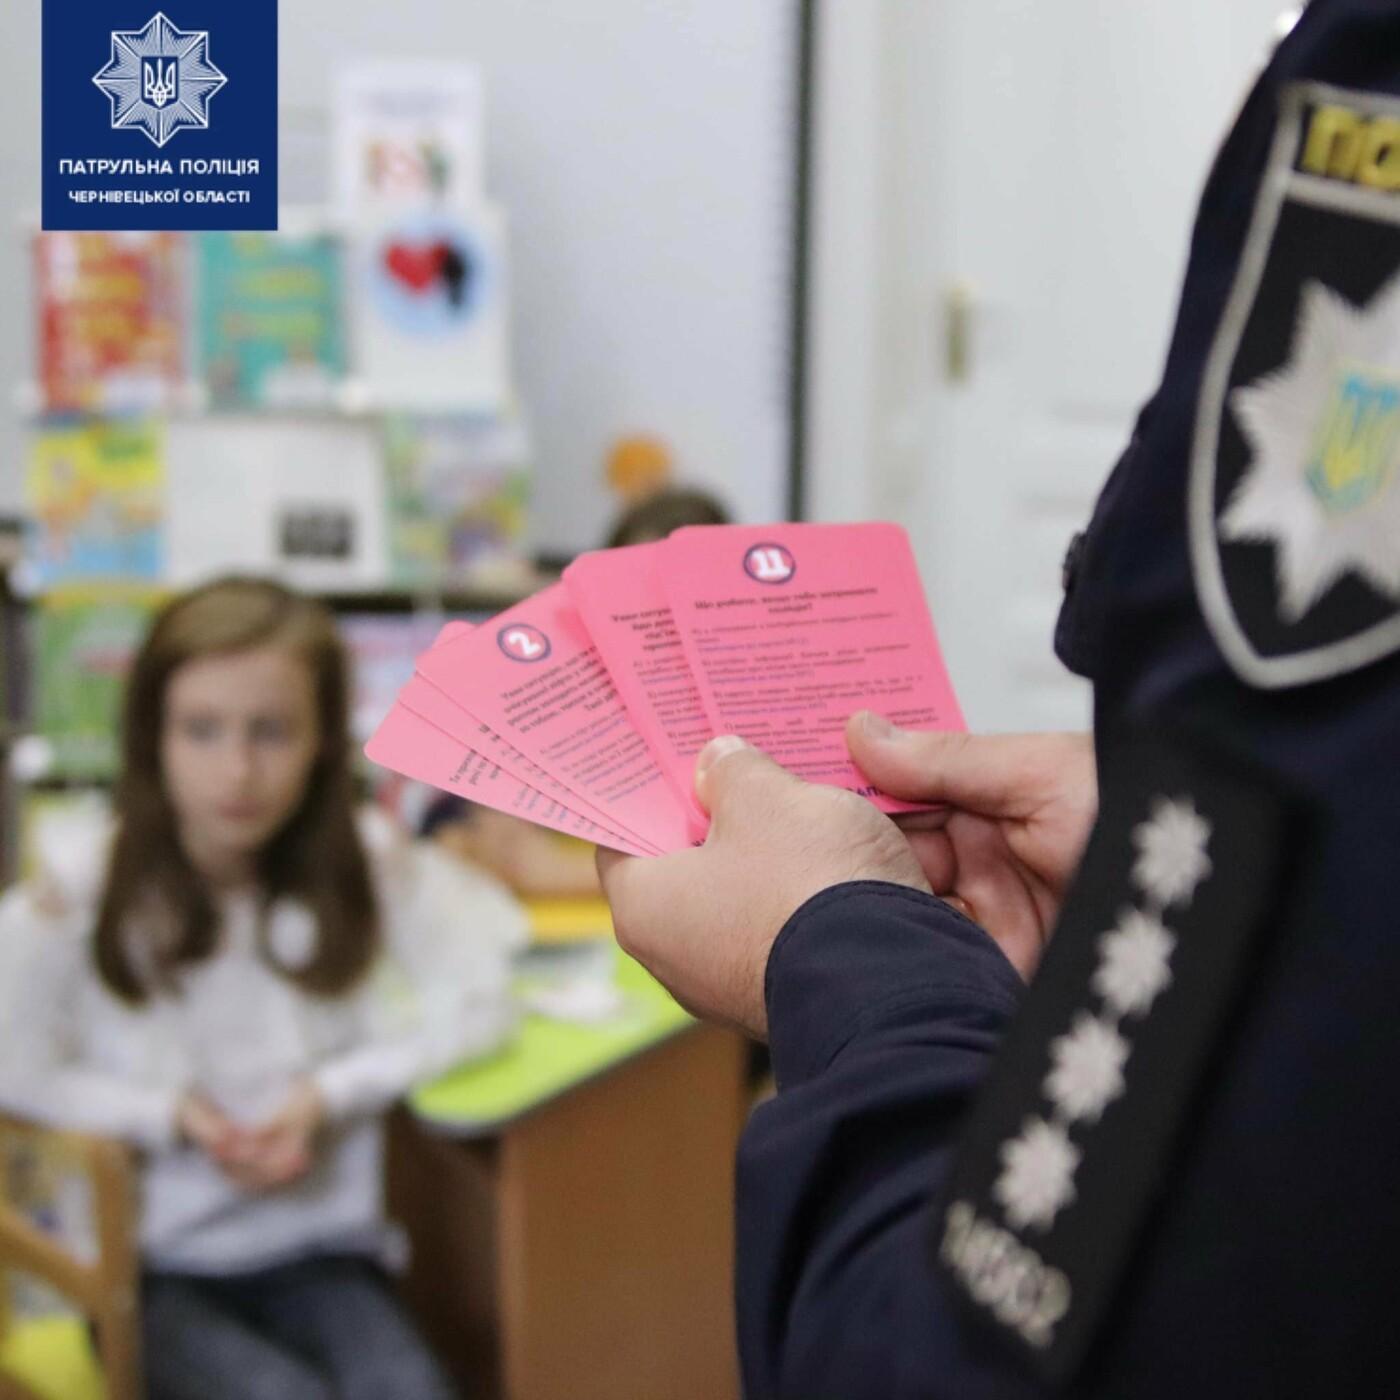 Співробітники патрульної поліції проводять гру з дітьми, фото: пресслужба УПП у Чернівецькій області